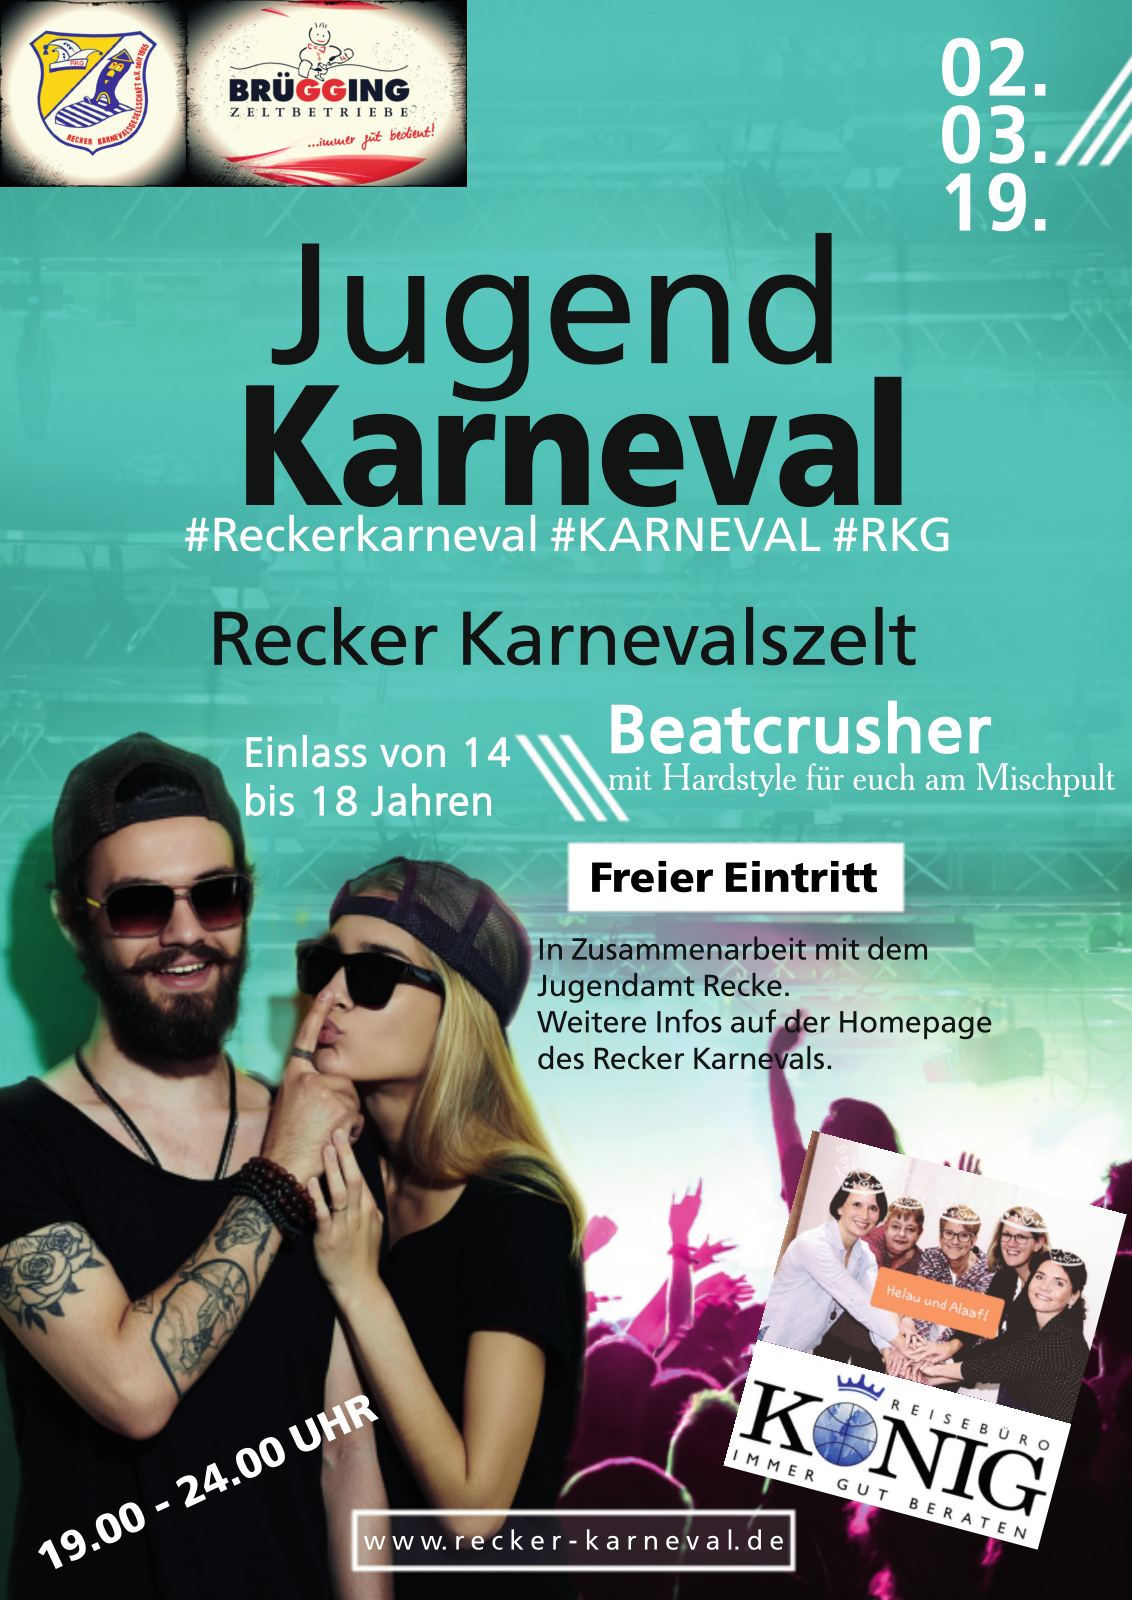 Jugendkarneval 2019